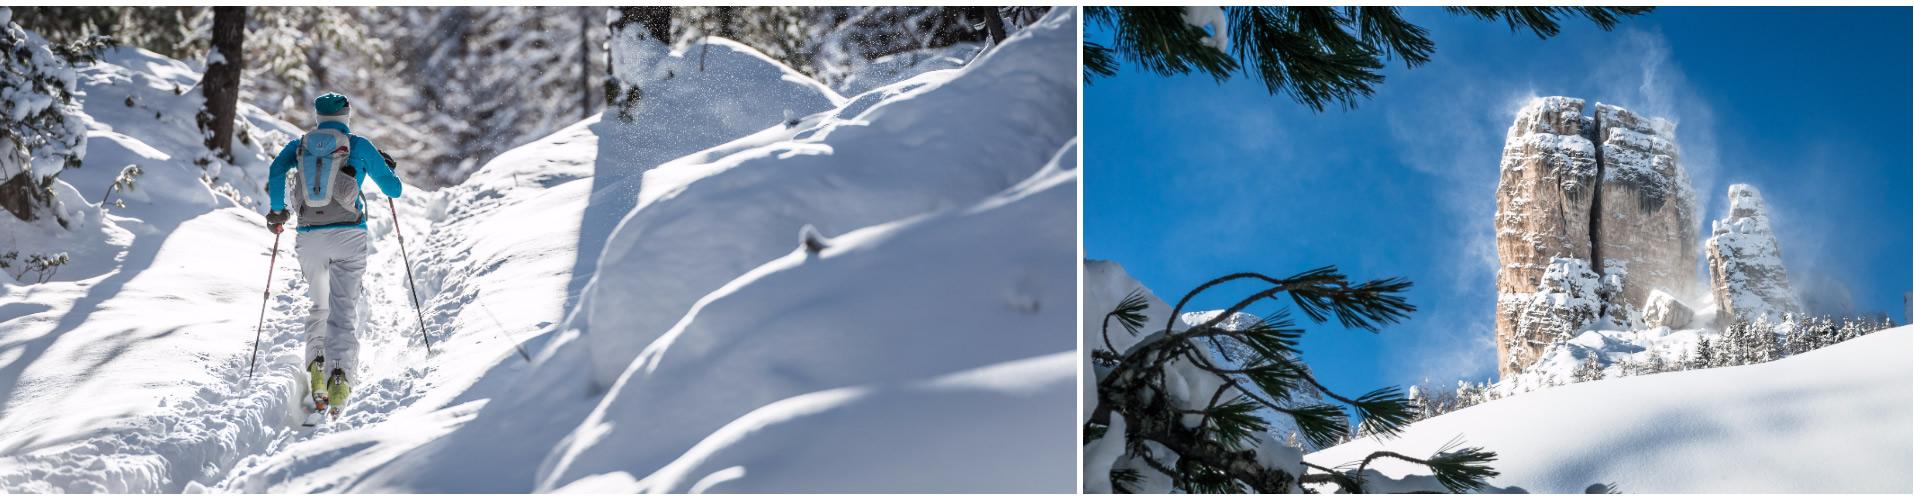 Vento, neve e cielo azzurro in Cinque Torri. Nel bosco salendo in Cinque Torri. (ph. Giuseppe Ghedina)